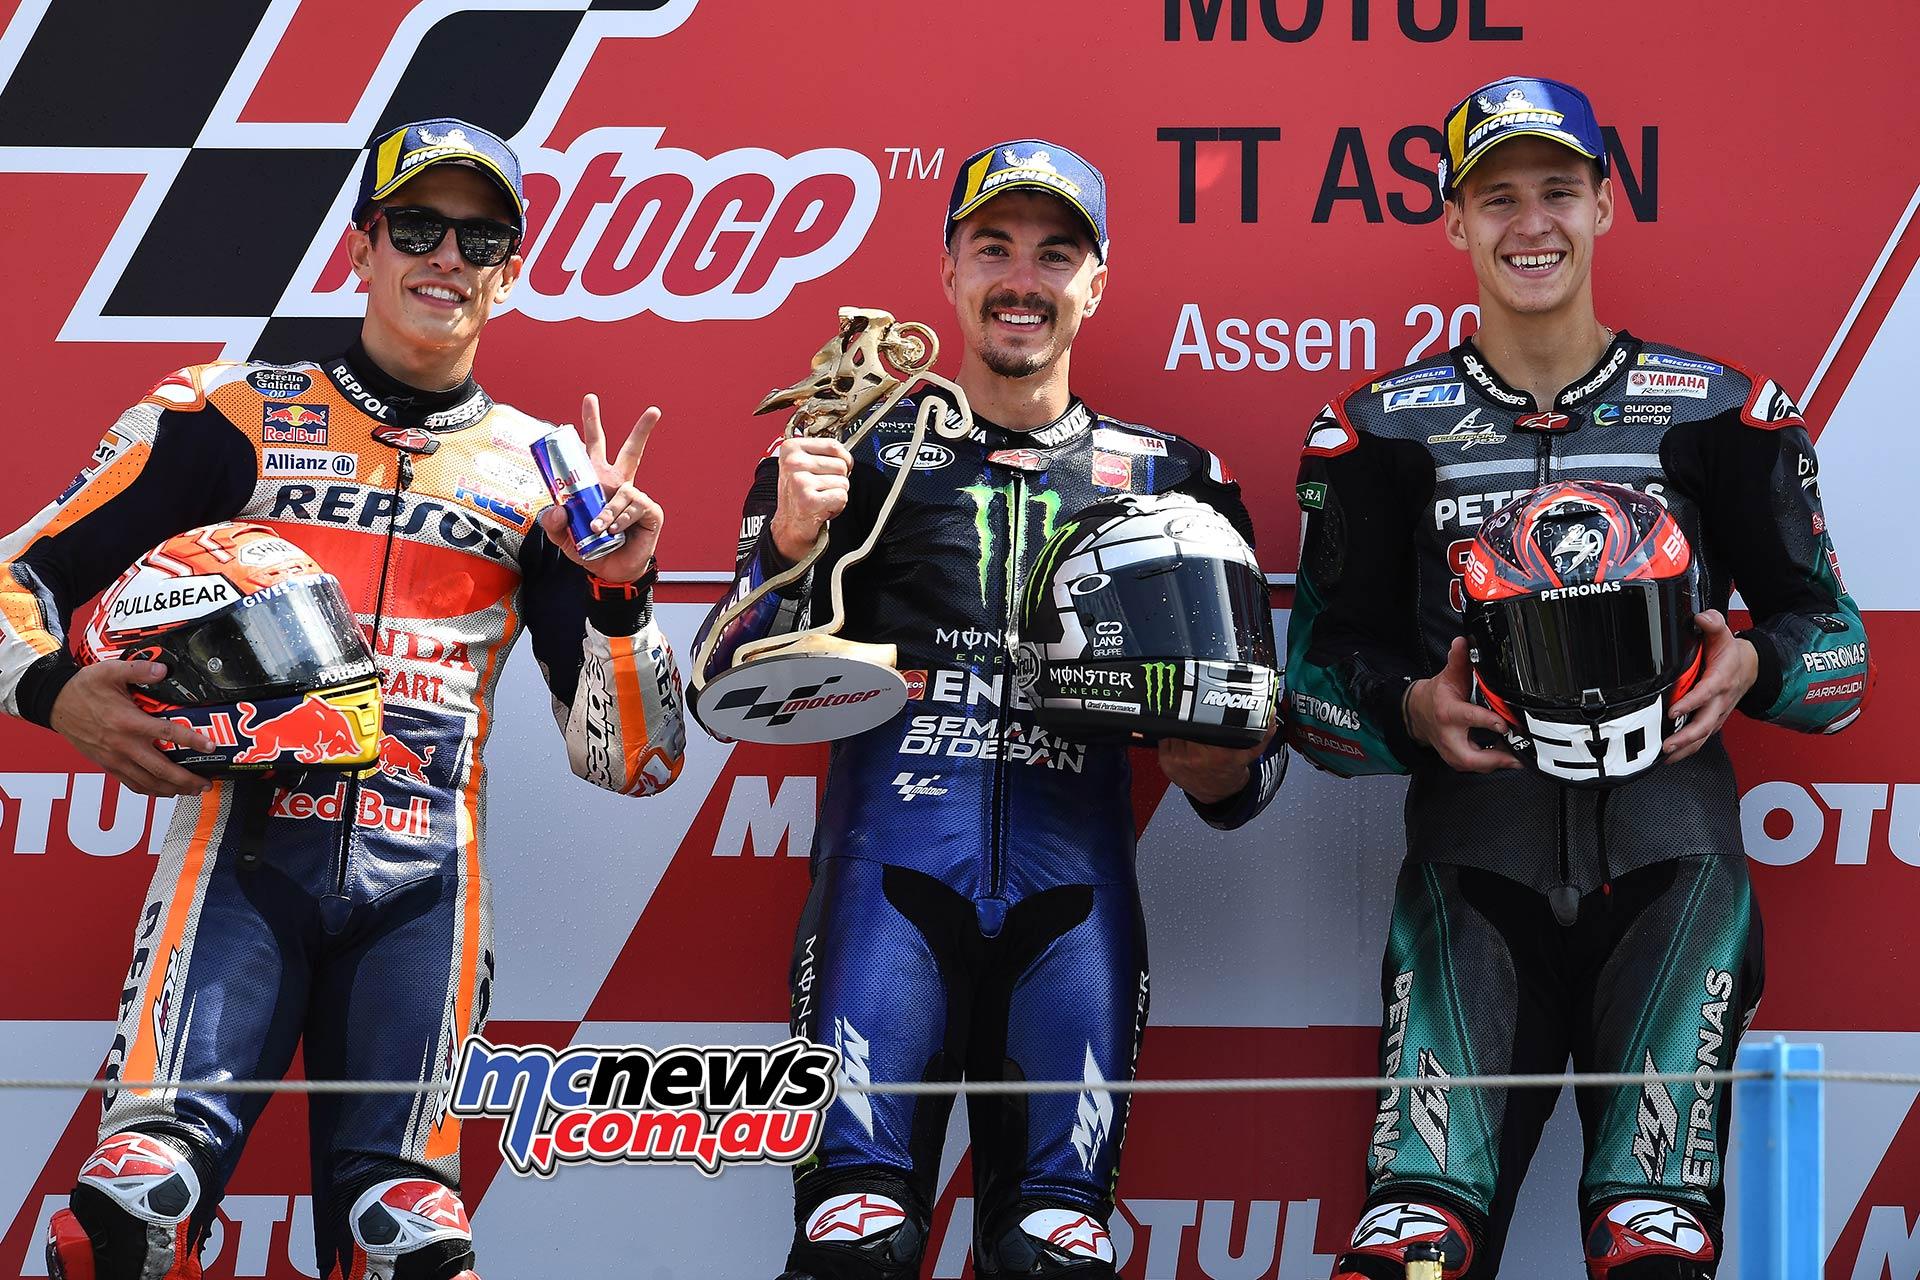 MotoGP Rnd Assen Race Podium Vinales Marquez Quartararo